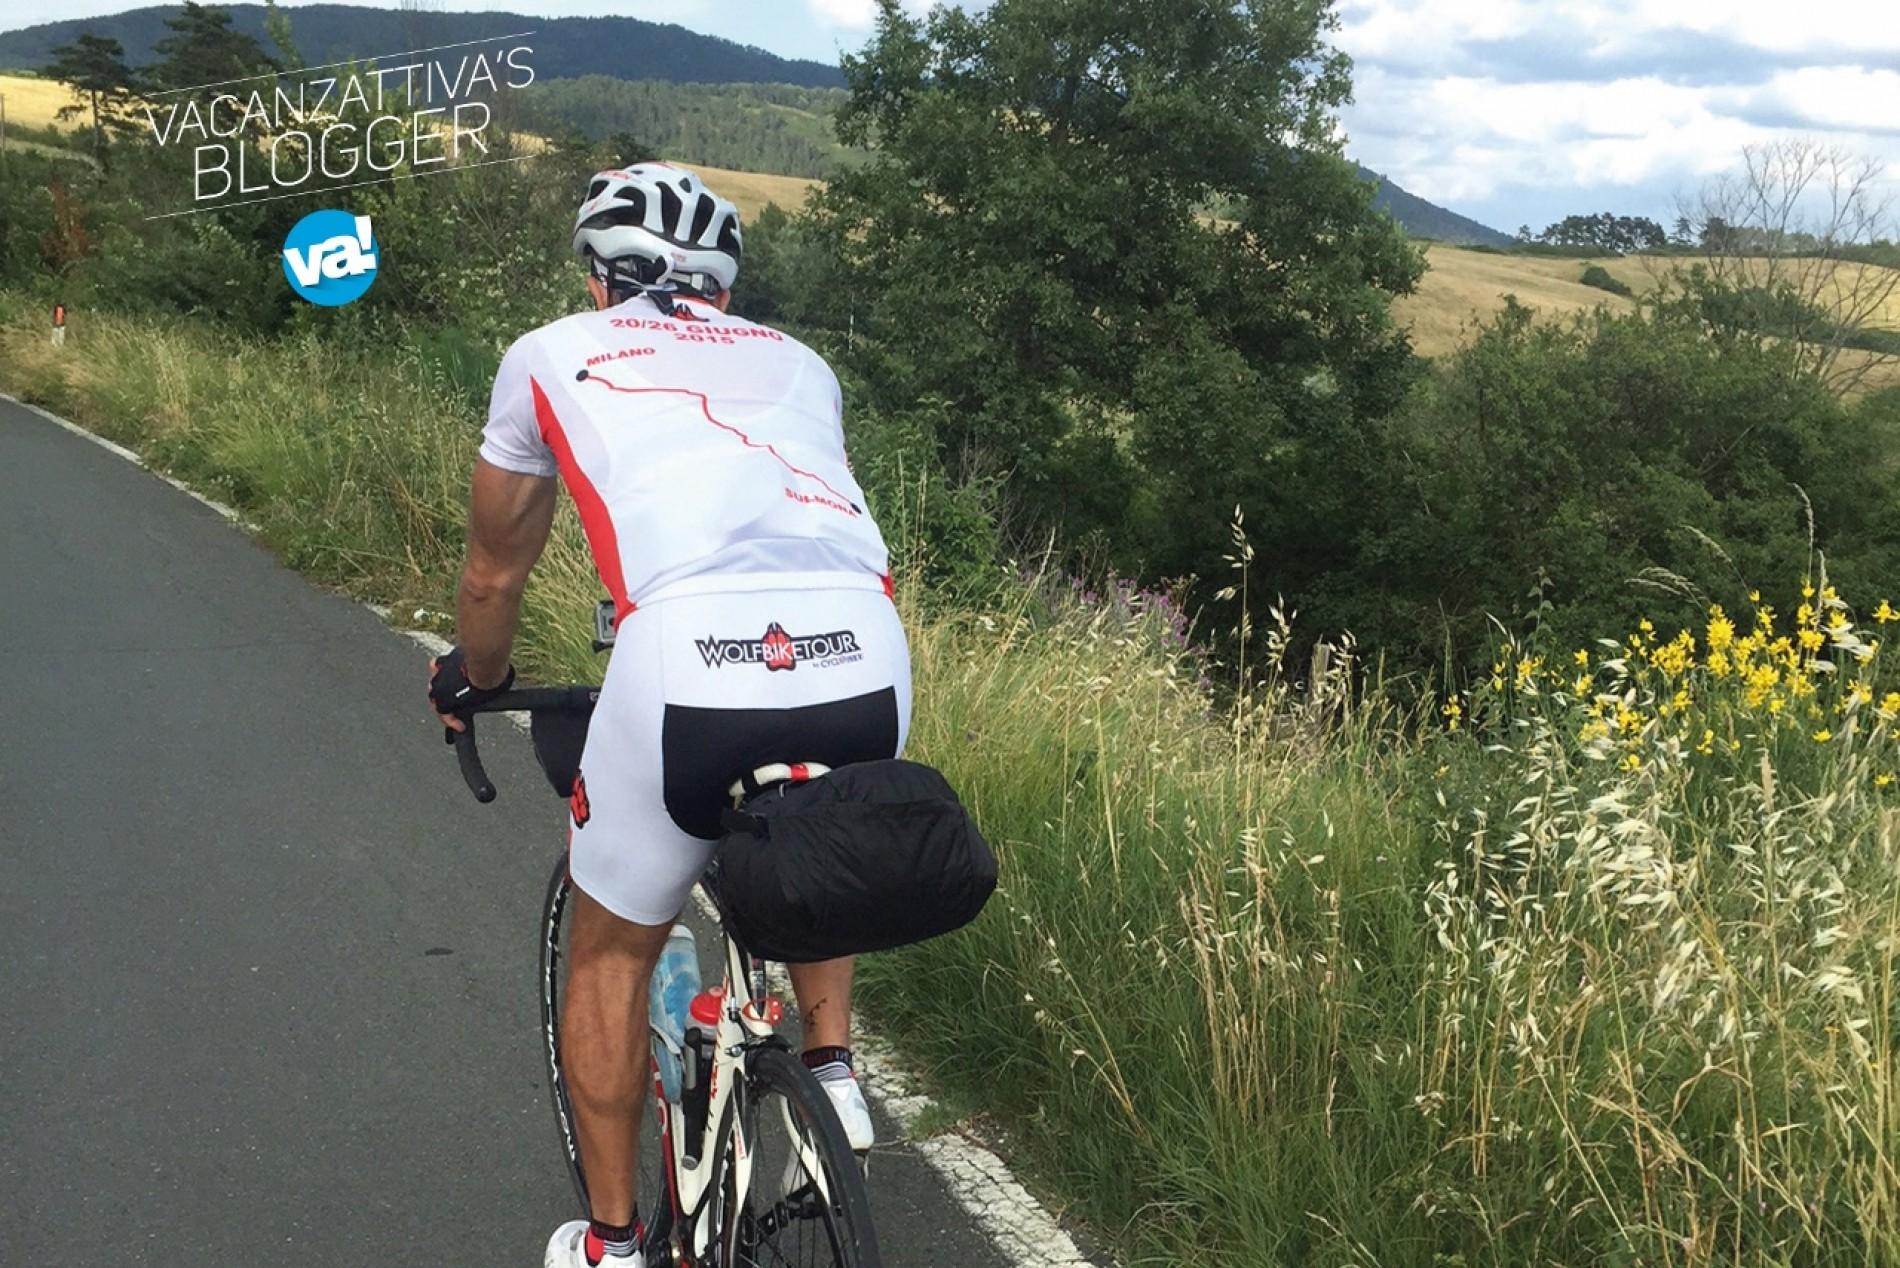 Da Milano a Sulmona in bicicletta #3